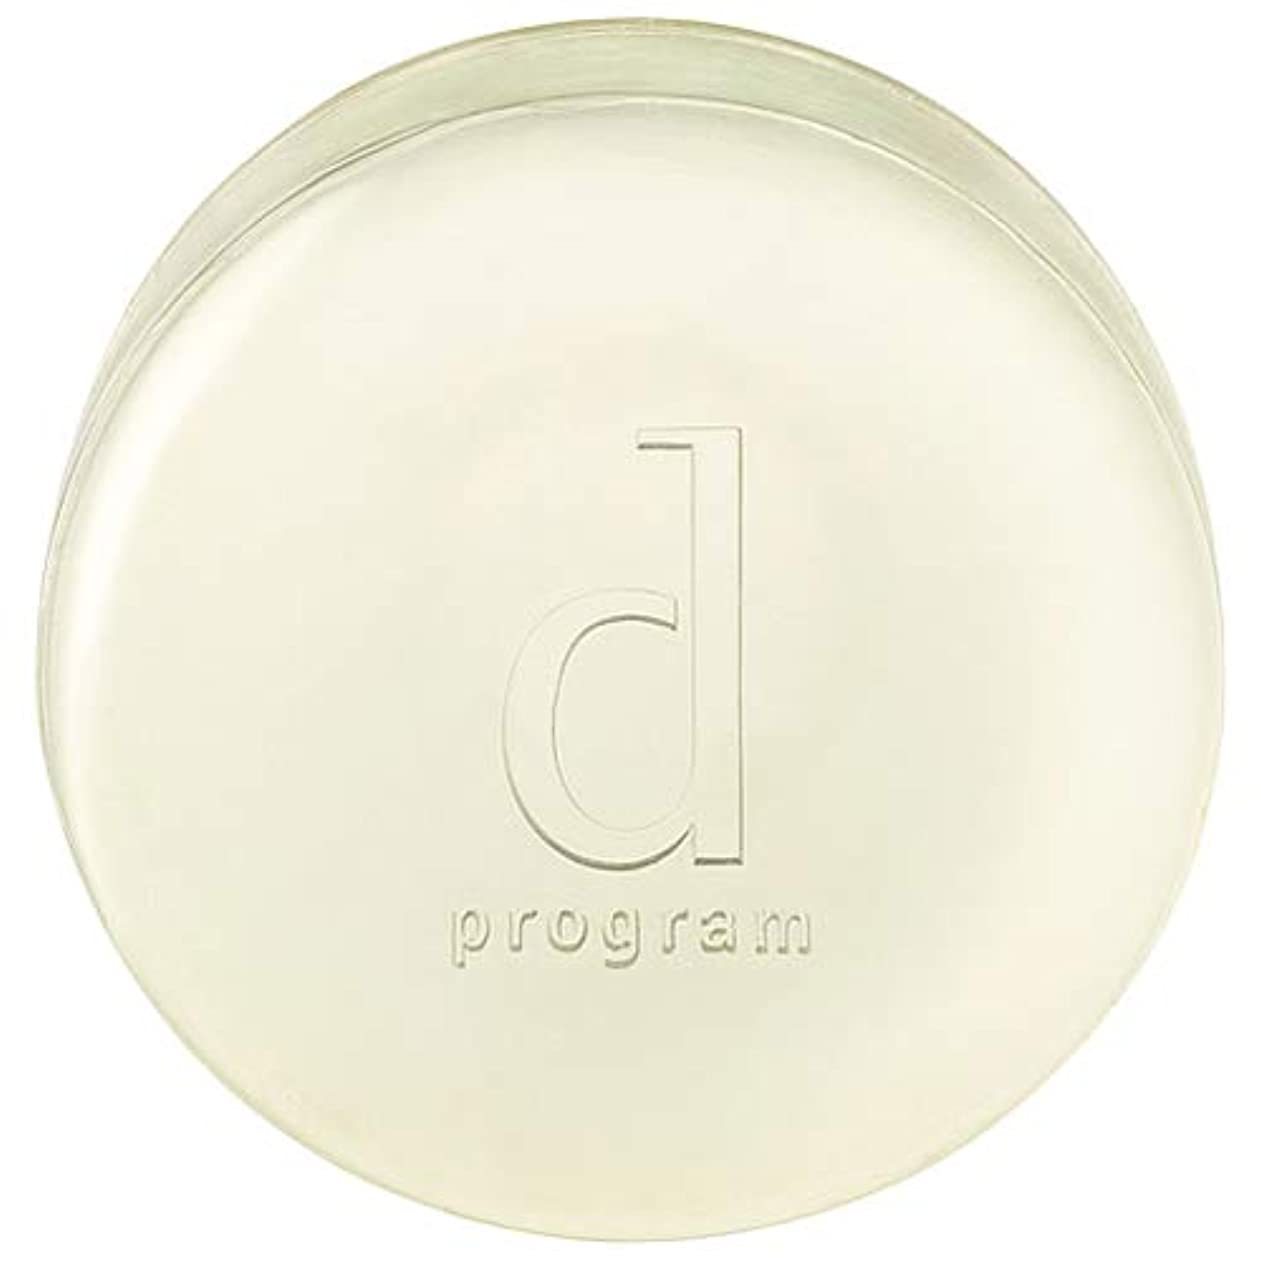 ドラッグスロー作者d program 資生堂 コンディショニングソープ 100g [366202] [並行輸入品]